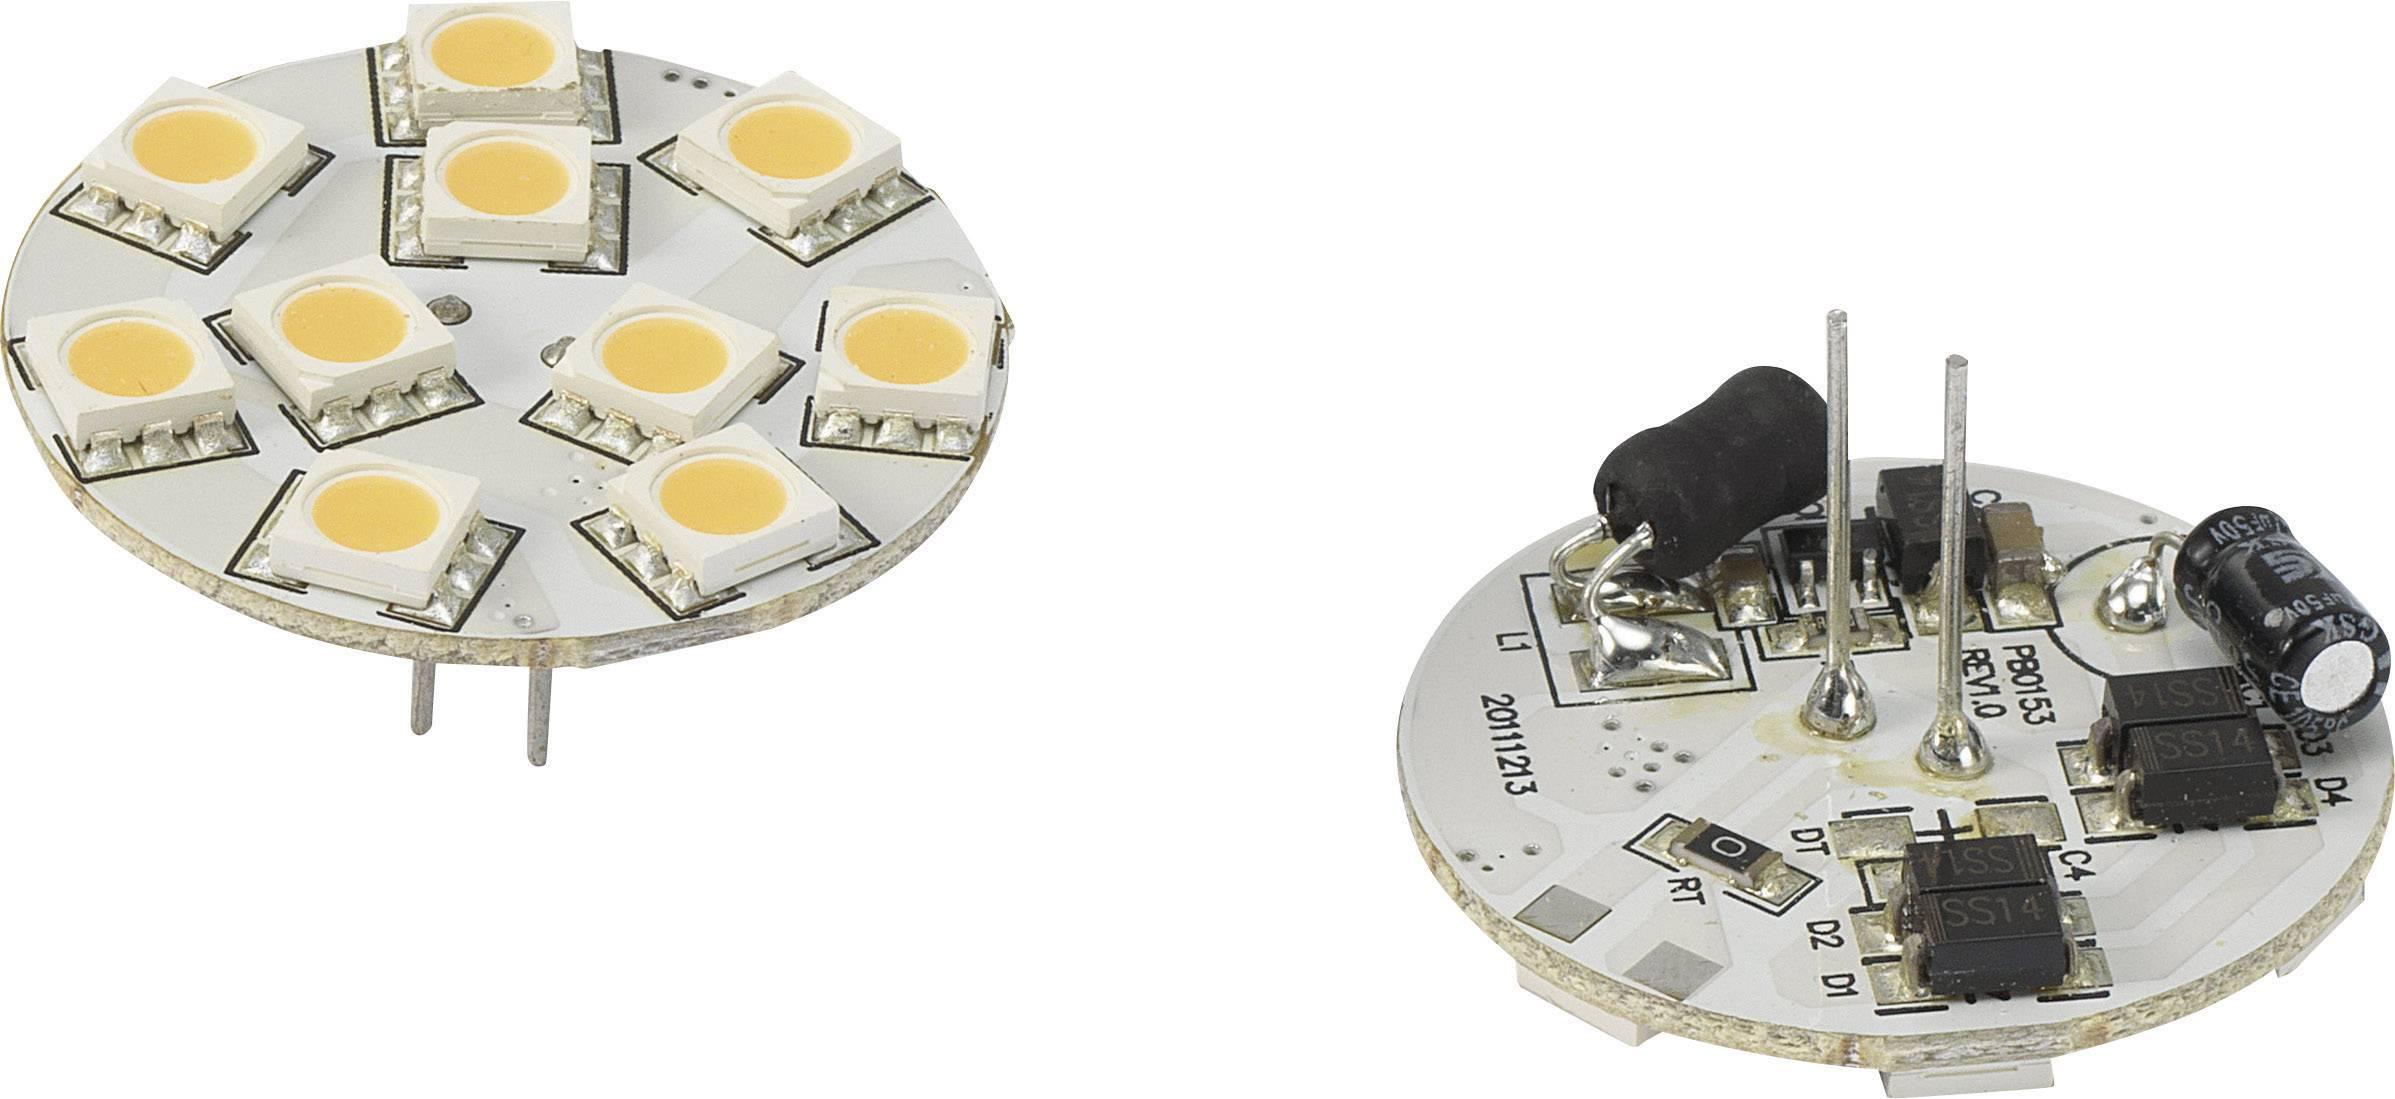 LED žiarovka Renkforce 792441 30 V, 1.5 W = 10 W, teplá biela, n/a, 1 ks